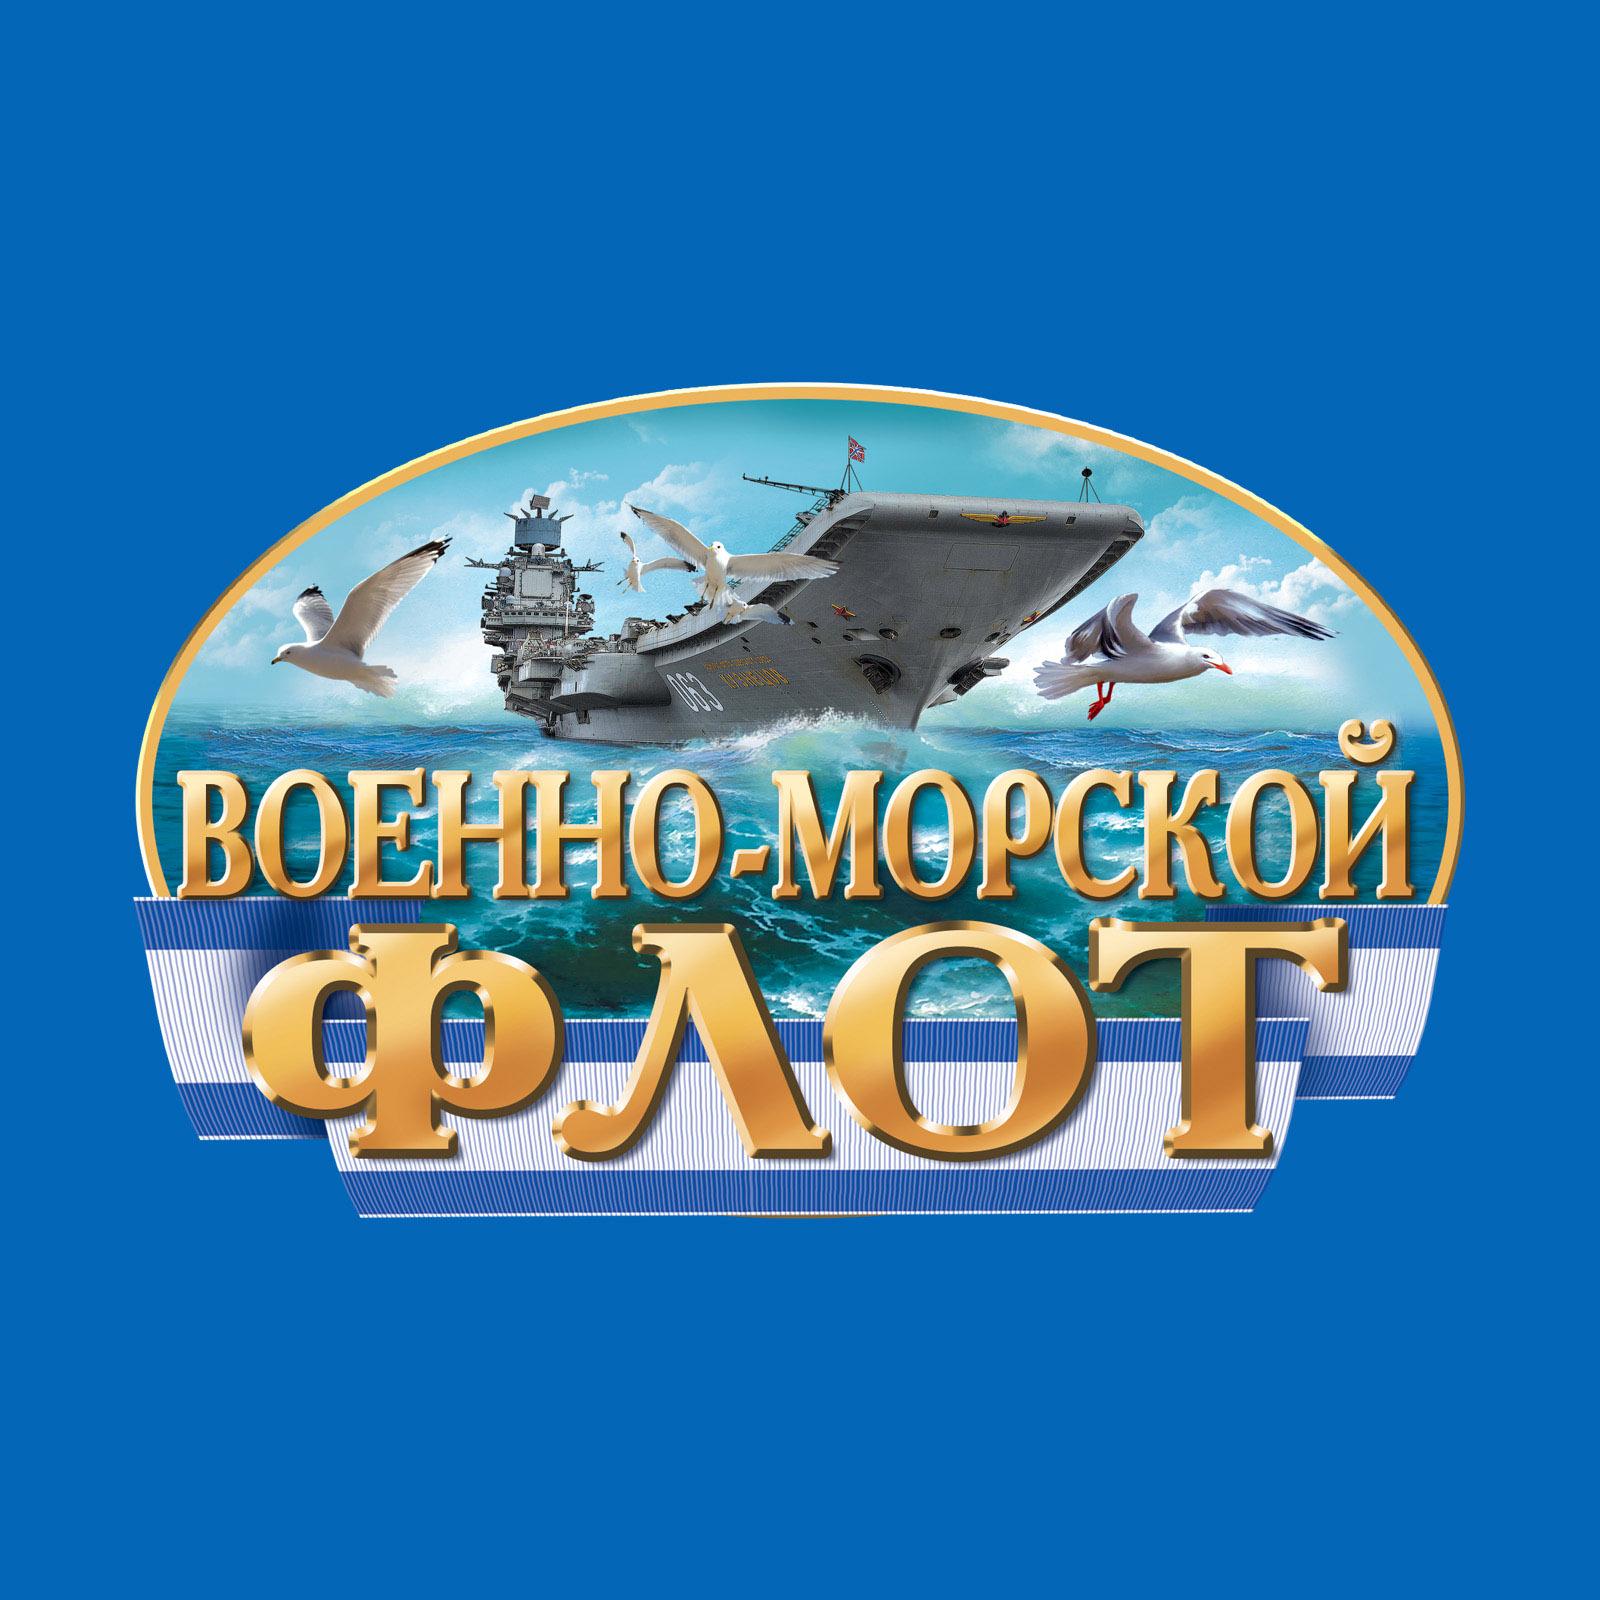 Крутая футболка Военно-морской флот - купить с доставкой